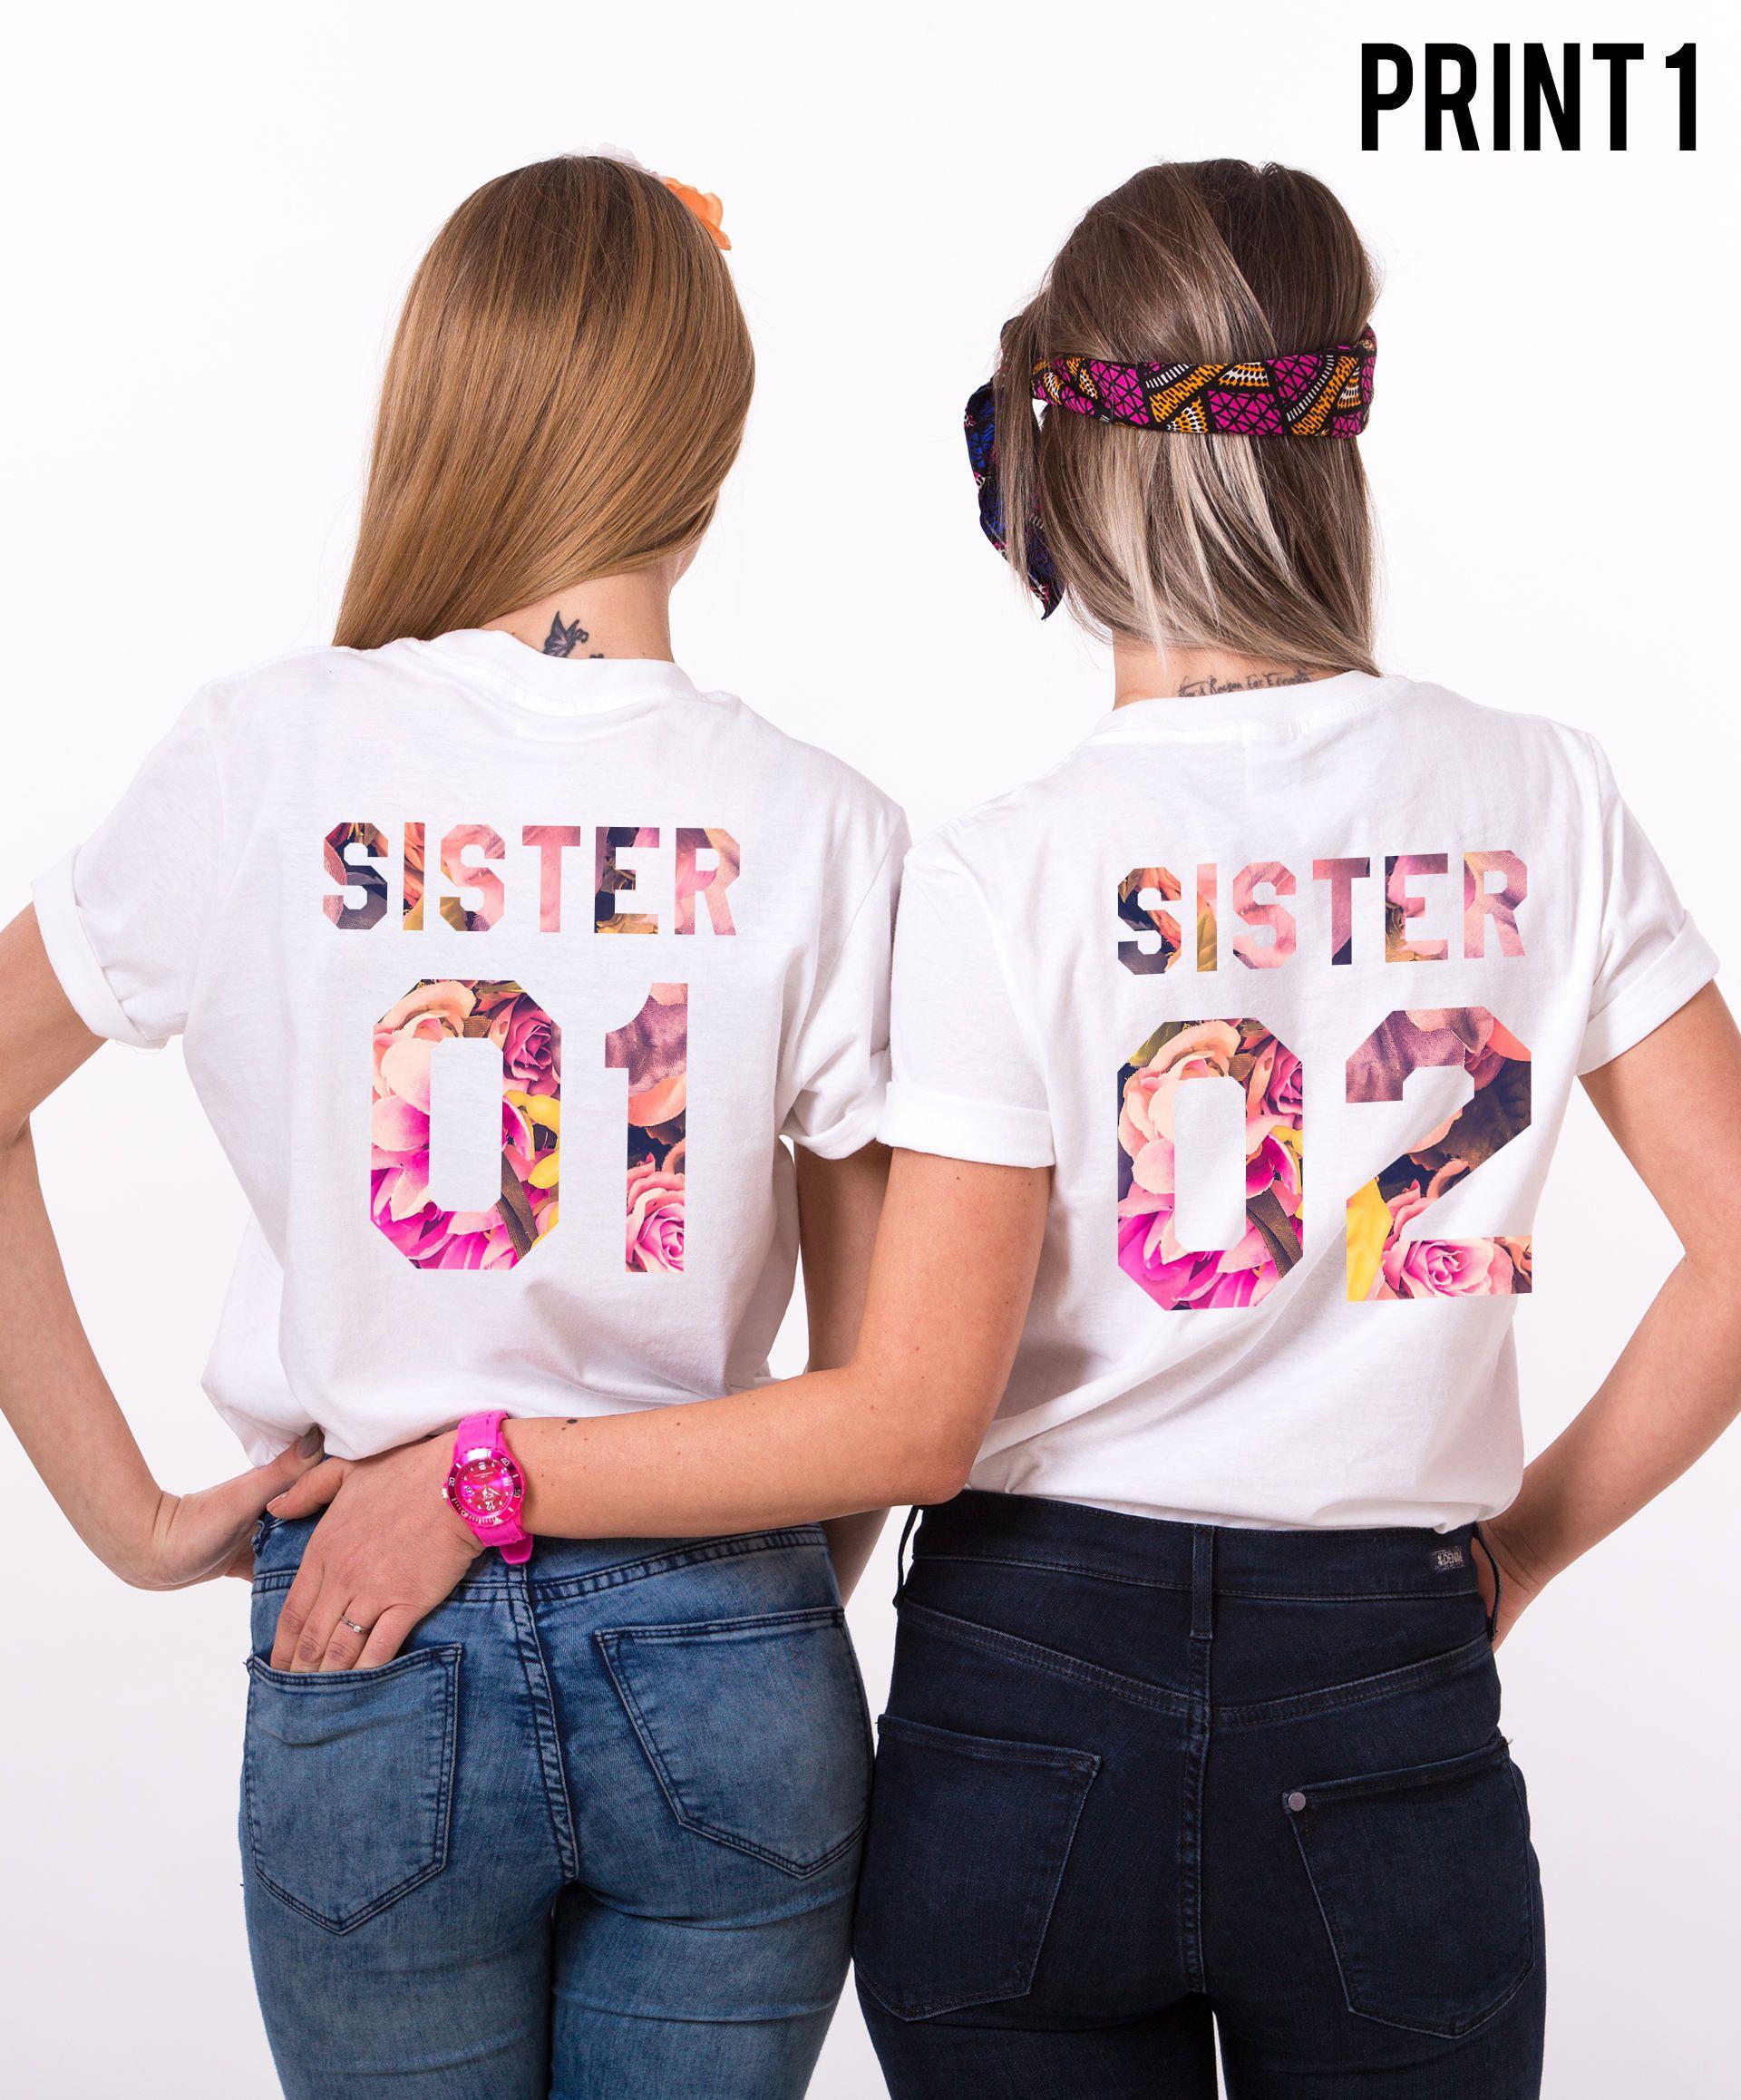 d6578fc15 Sister Gift Gift for Sister Sister T-shirt Sister 01 Sister